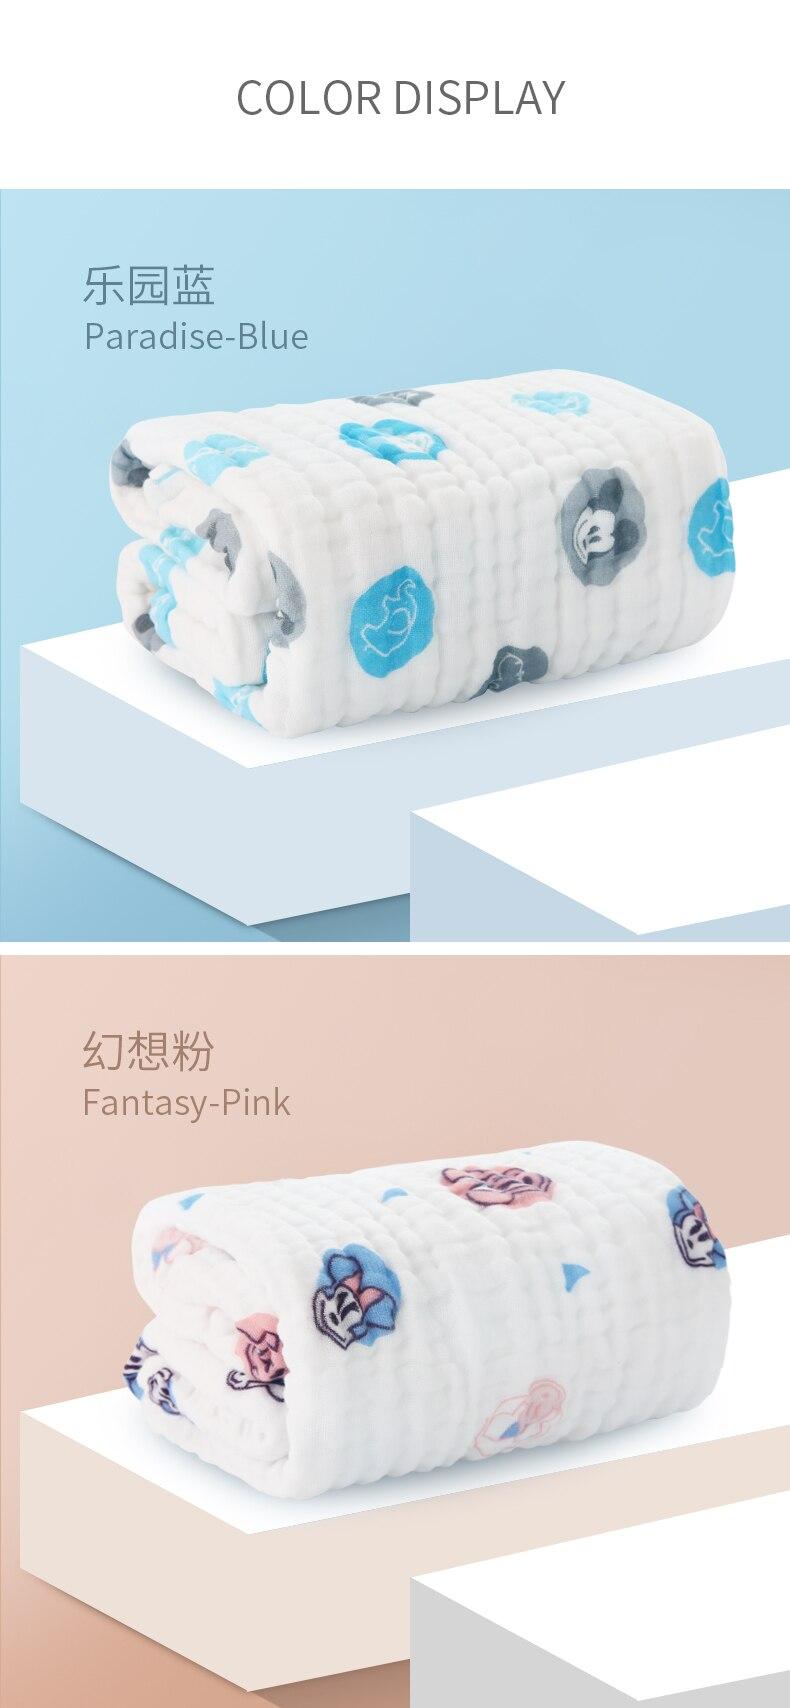 印花浴巾详情(加模特)C_12